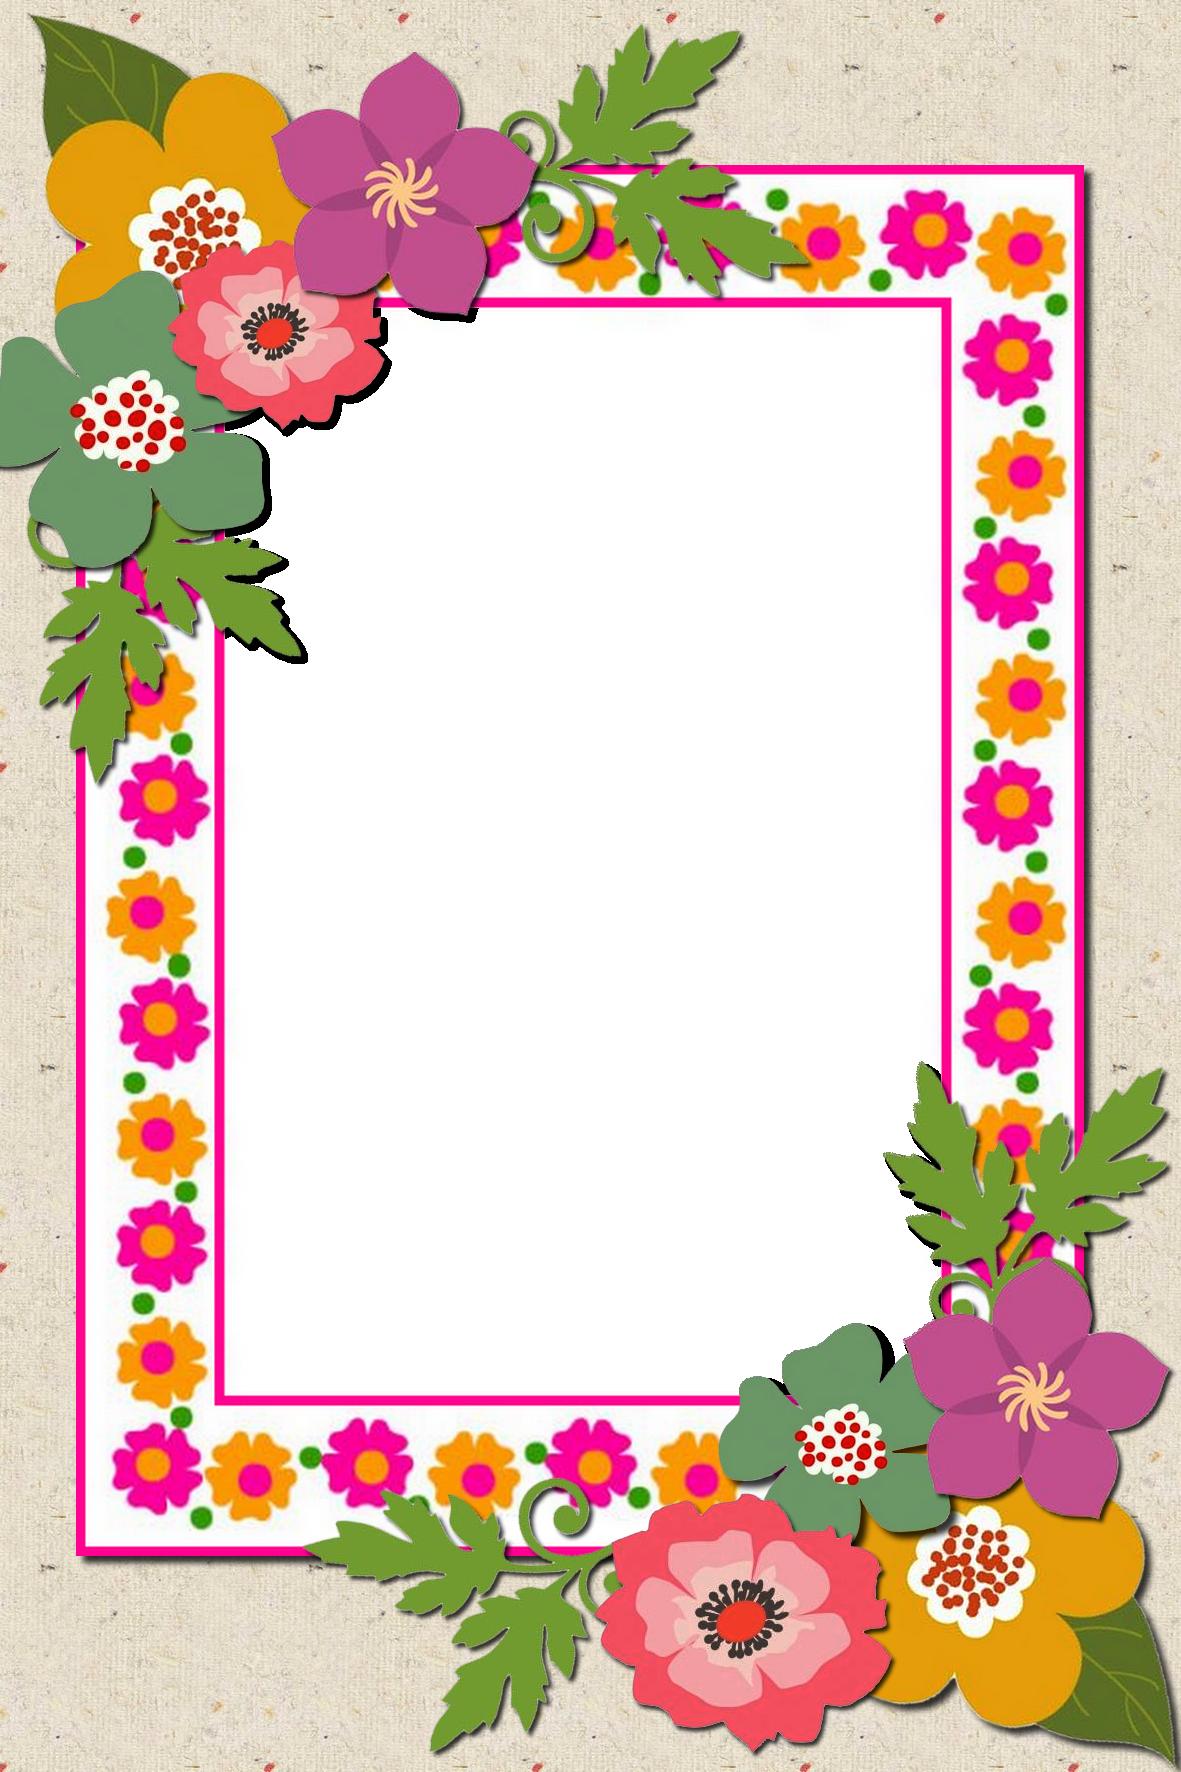 Decorative Png Frame Flower Background Design Colorful Borders Design Frame Border Design